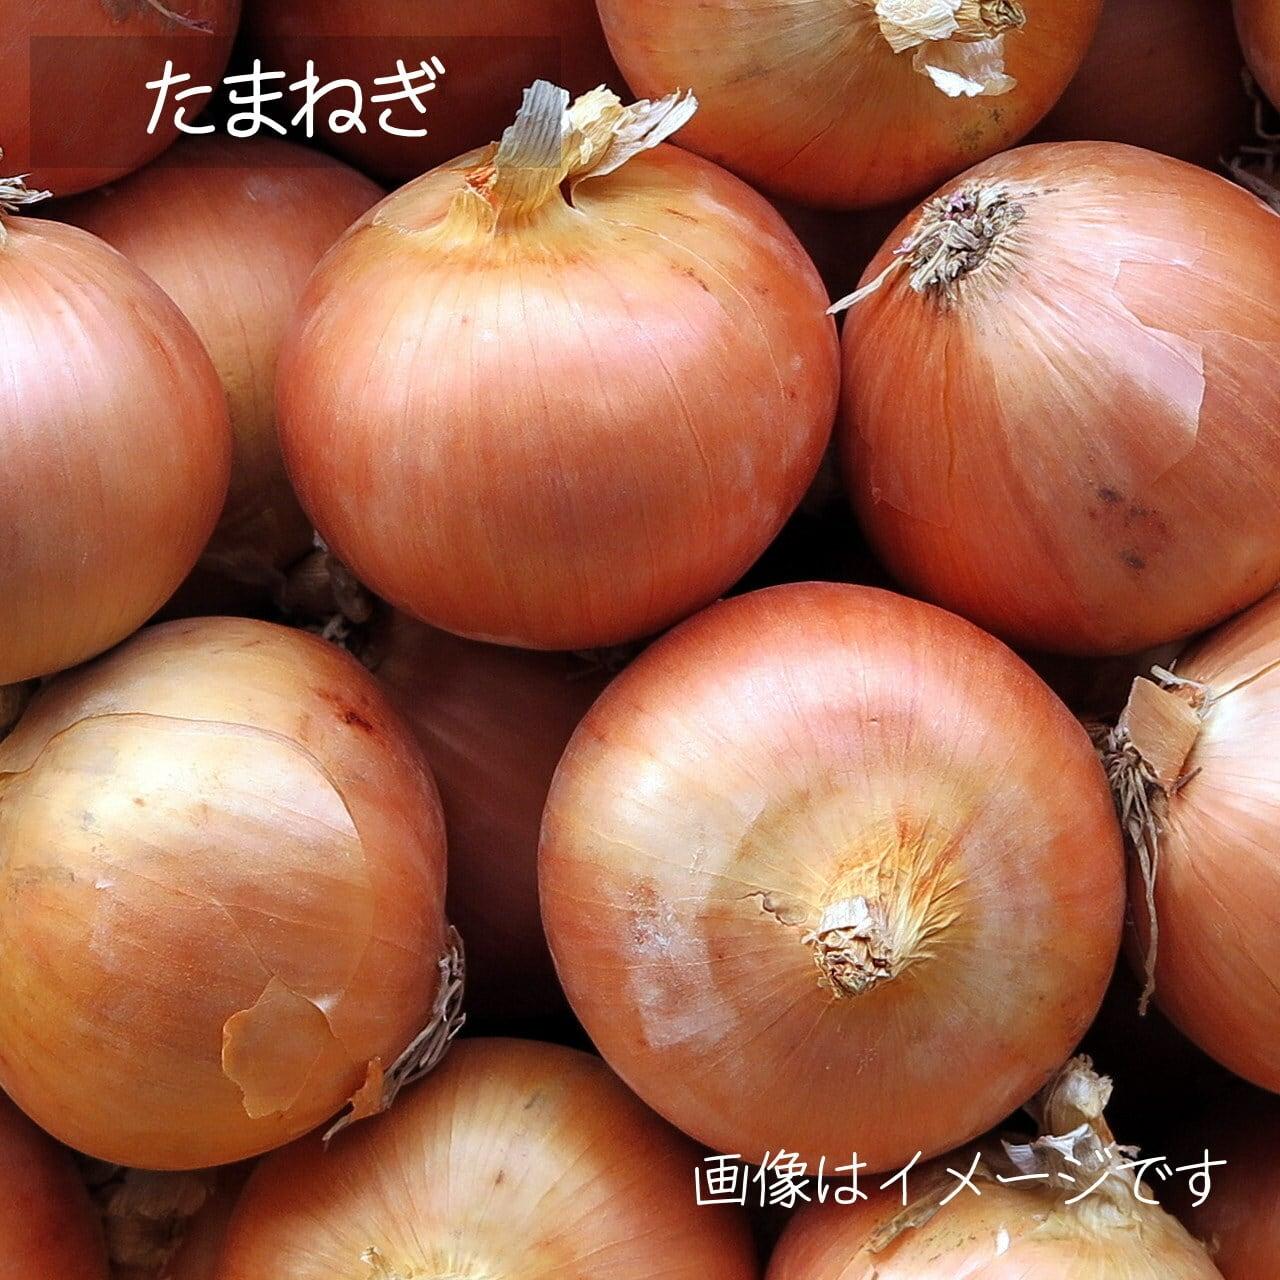 7月の朝採り直売野菜 : たまねぎ 約3~4個 7月の新鮮夏野菜 7月25日発送予定